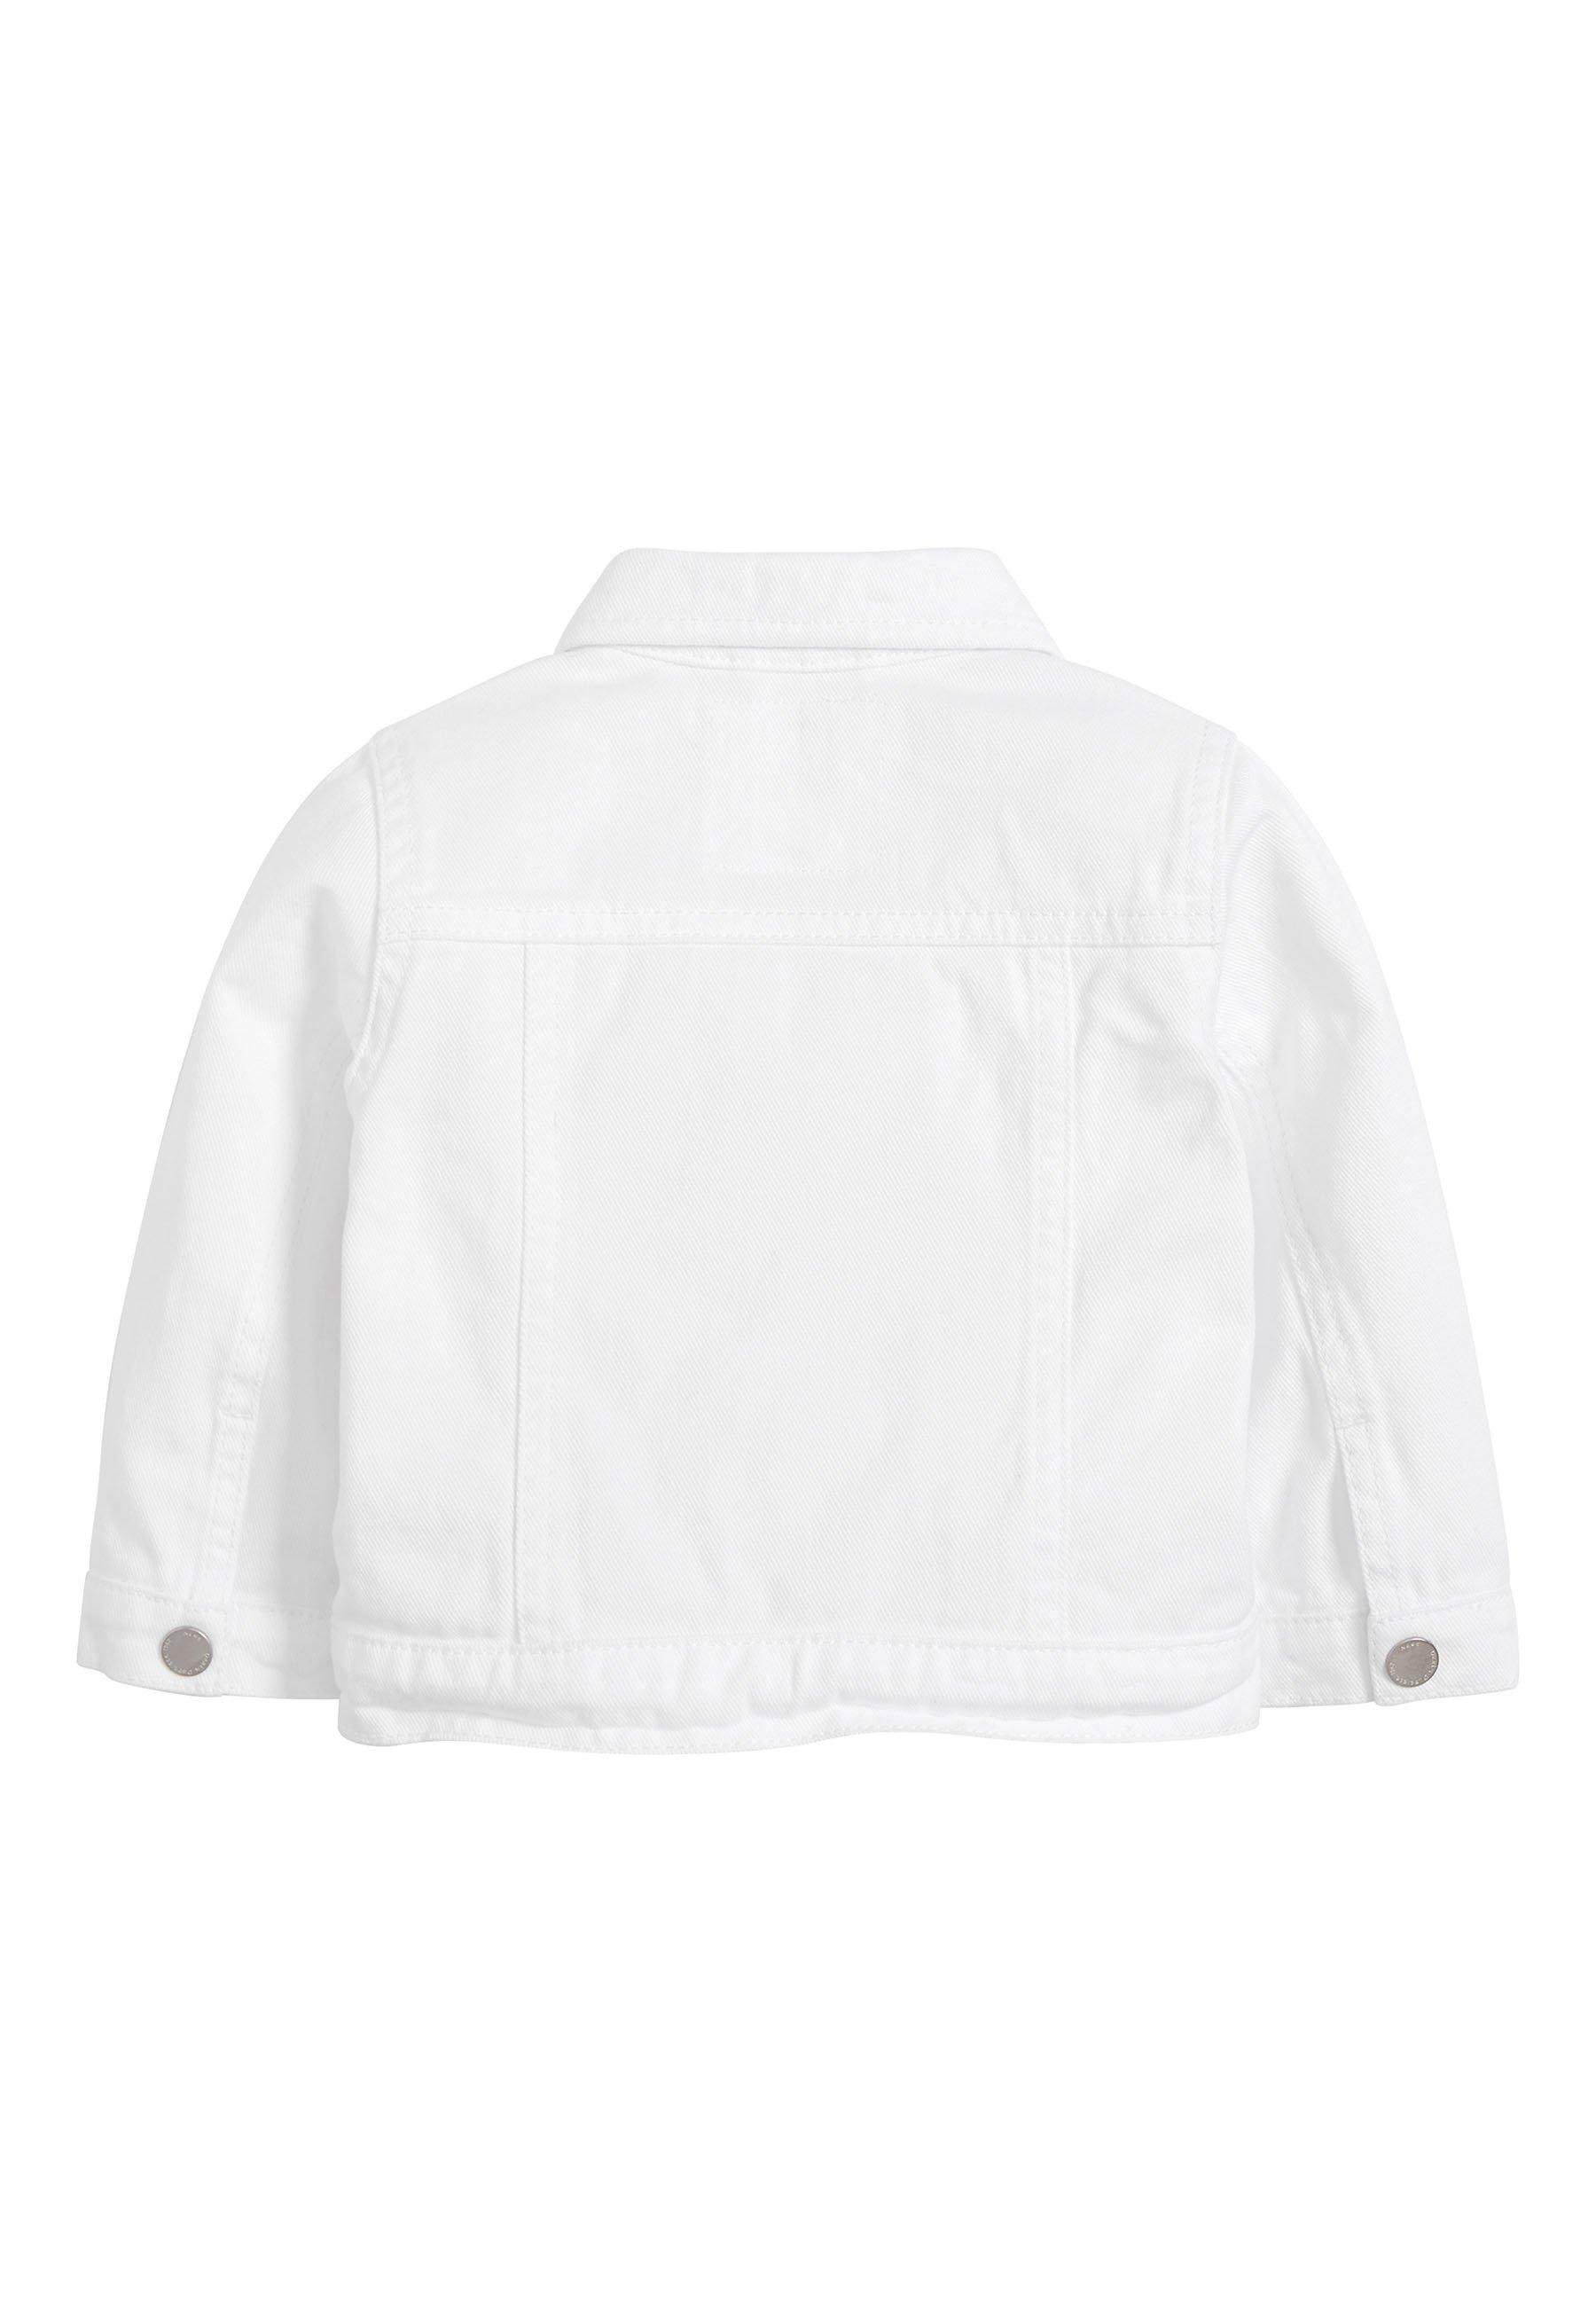 Next Denim Jacket - White